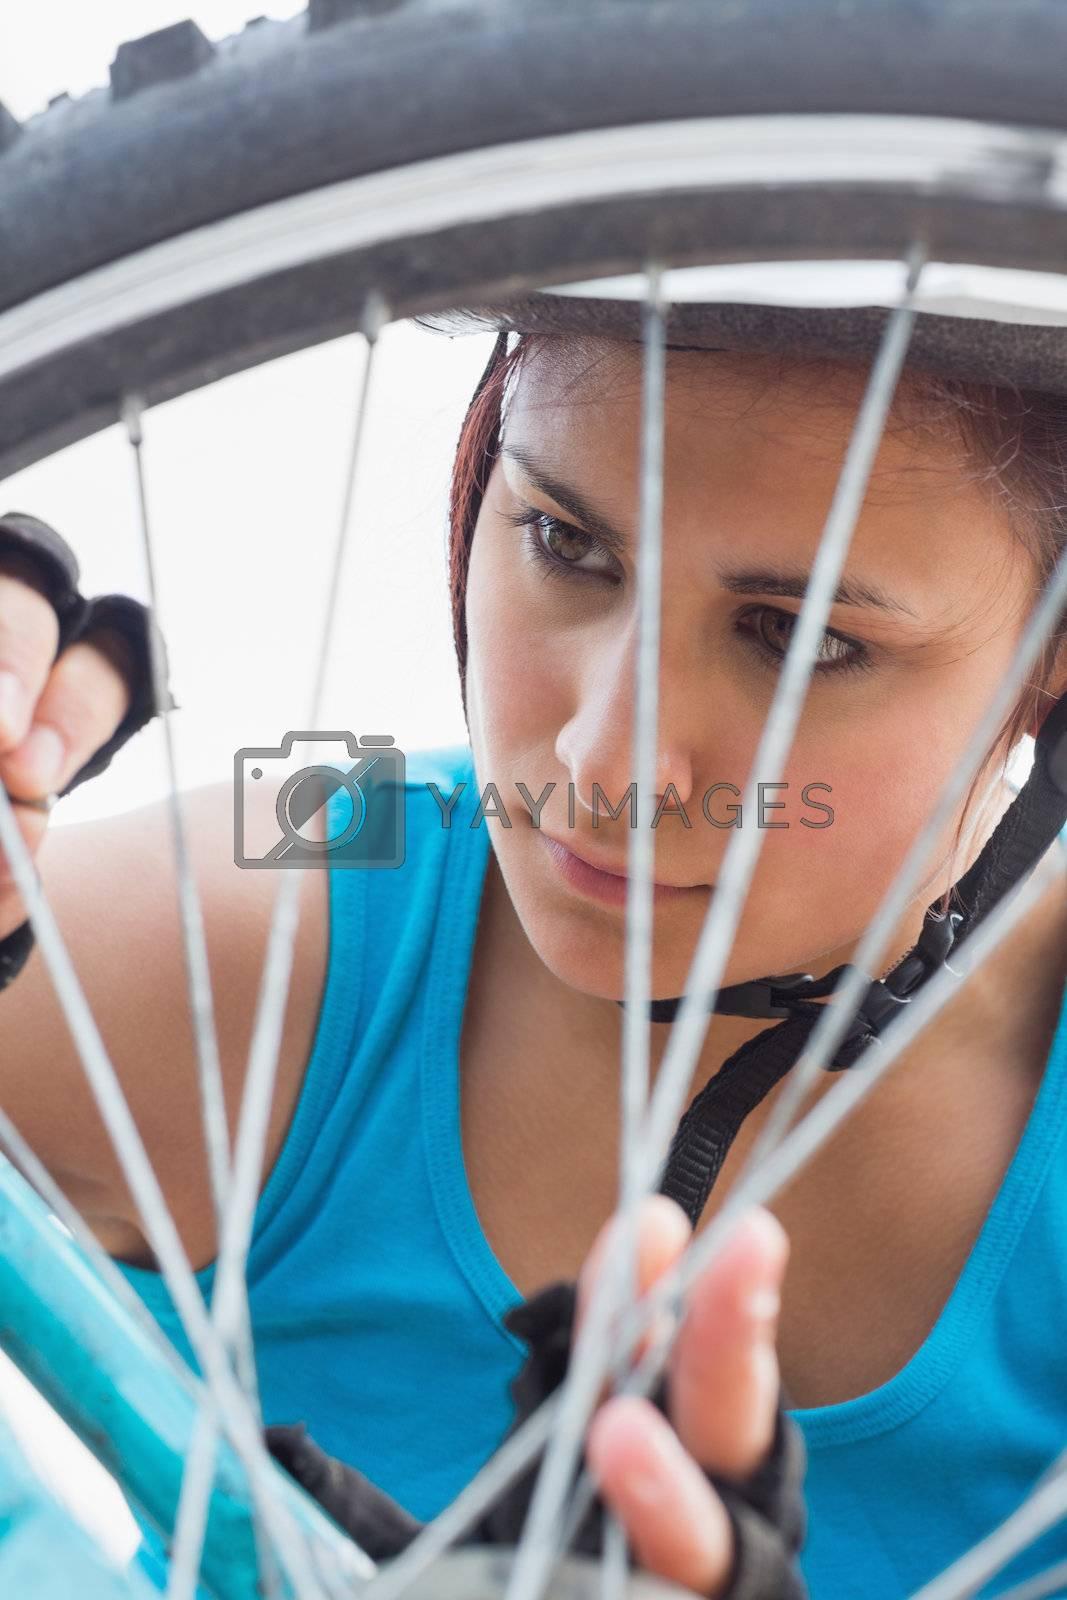 Athletic woman adjusting her spokes on bike wheel by Wavebreakmedia